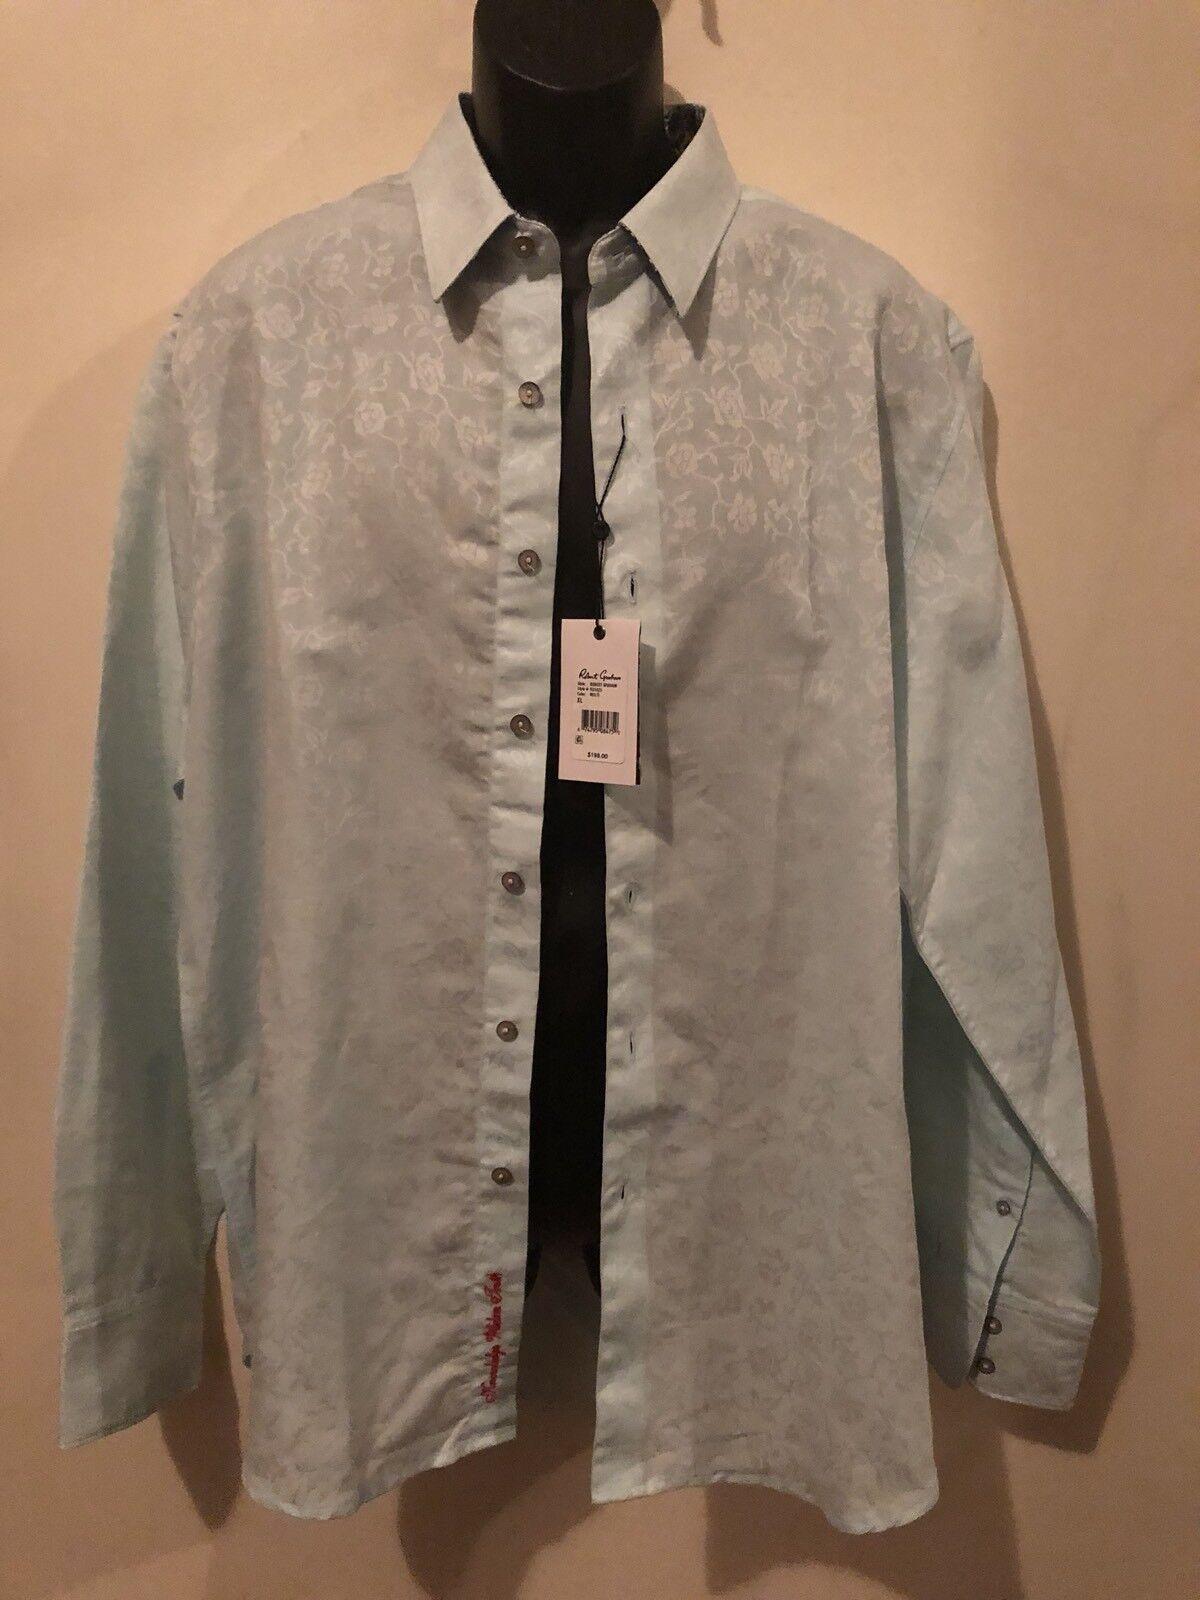 NWT Mens Robert Graham Long Sleeve Button Front Shirt Size XL